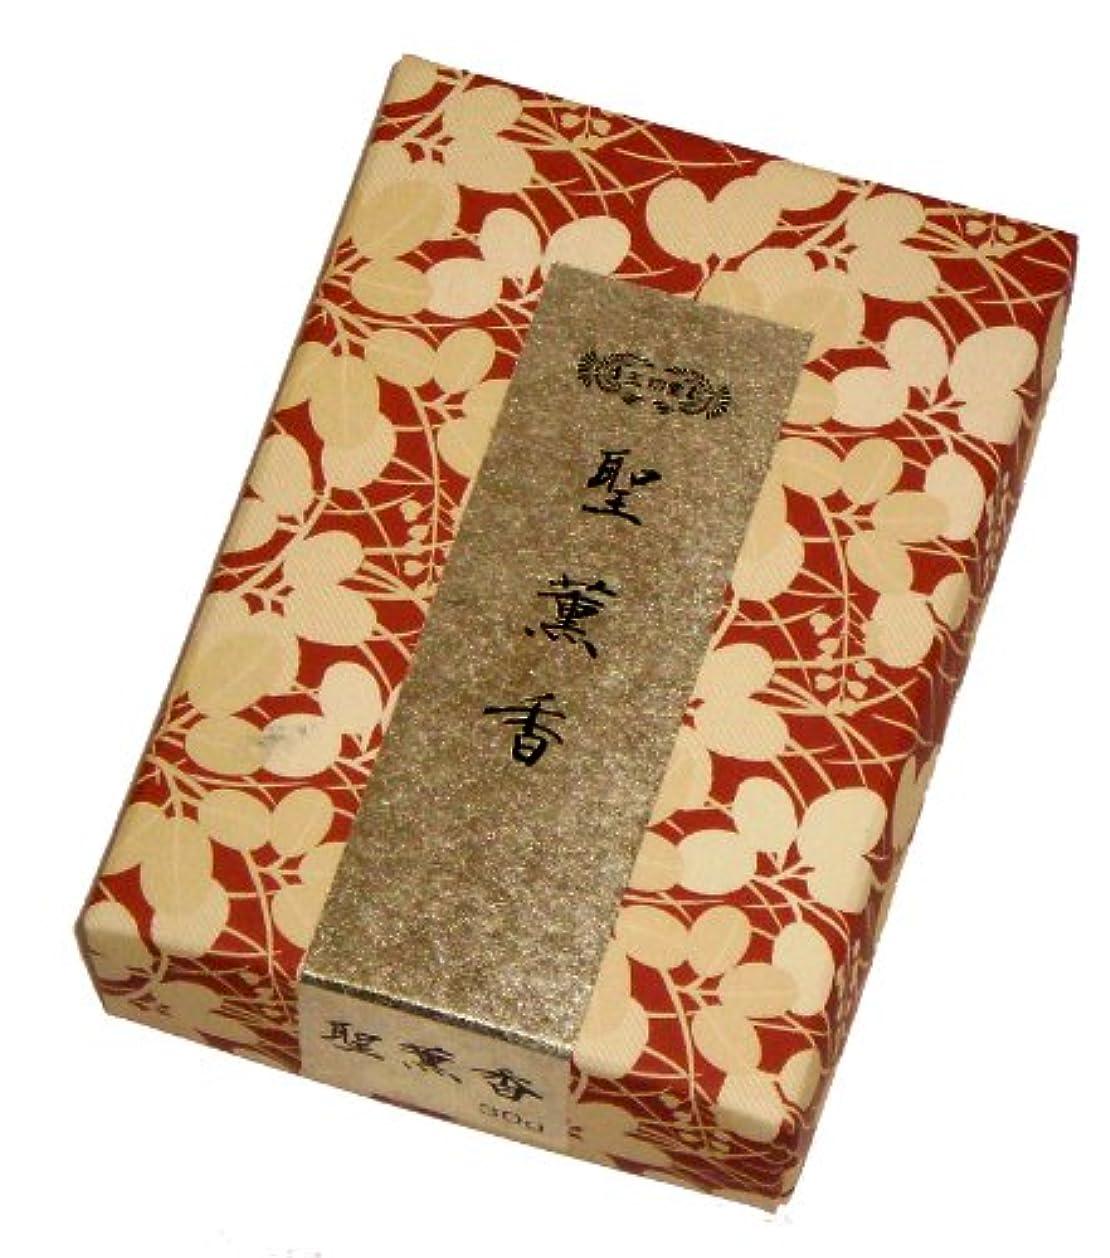 ウェイター関税家主玉初堂のお香 聖薫香 30g #635